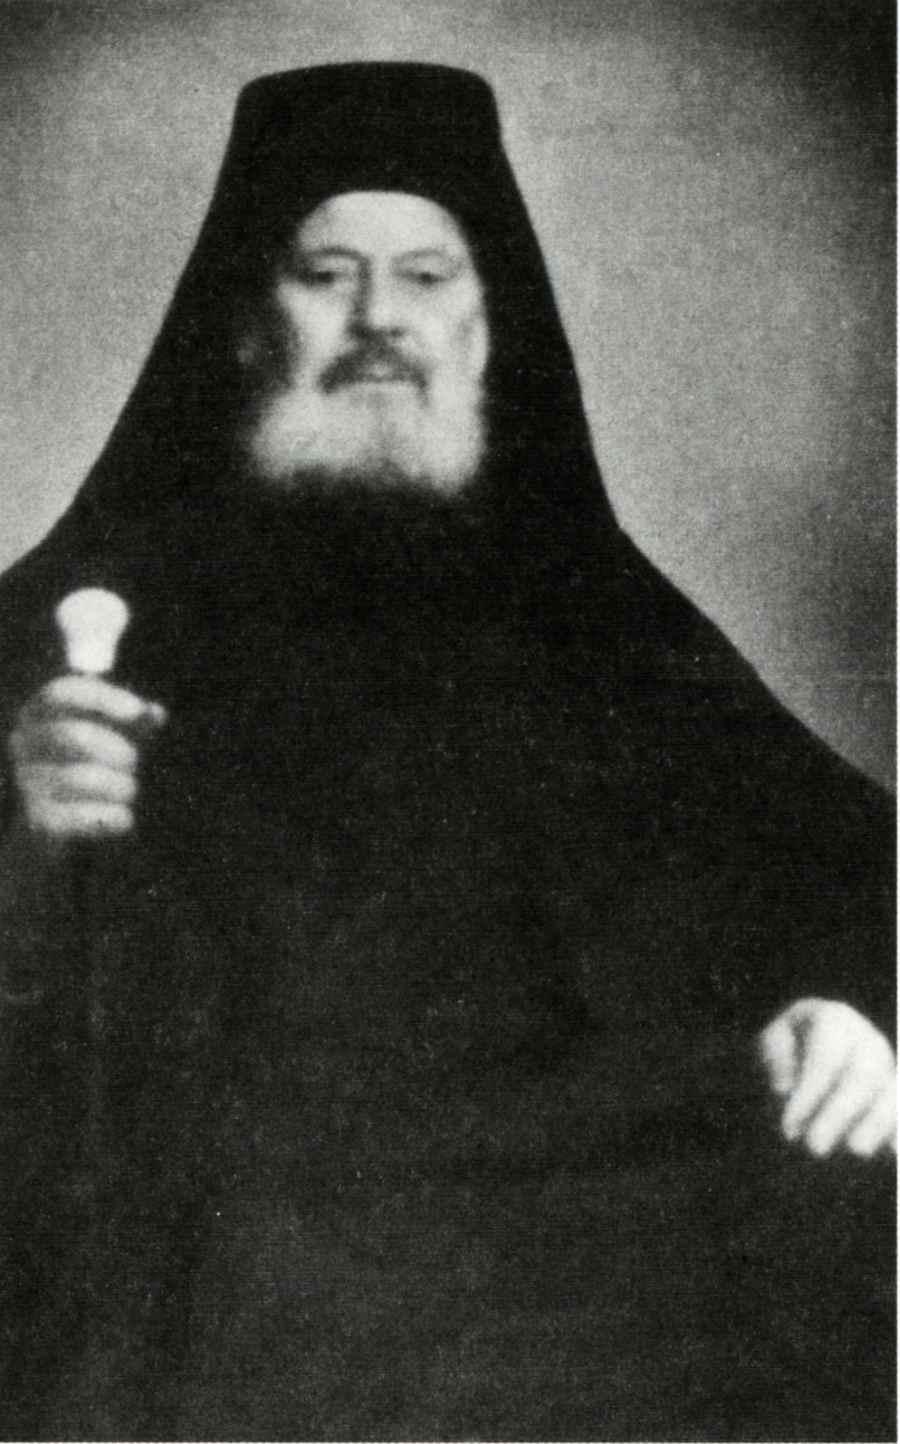 Ιερομόναχος Σεραφείμ († 1966)